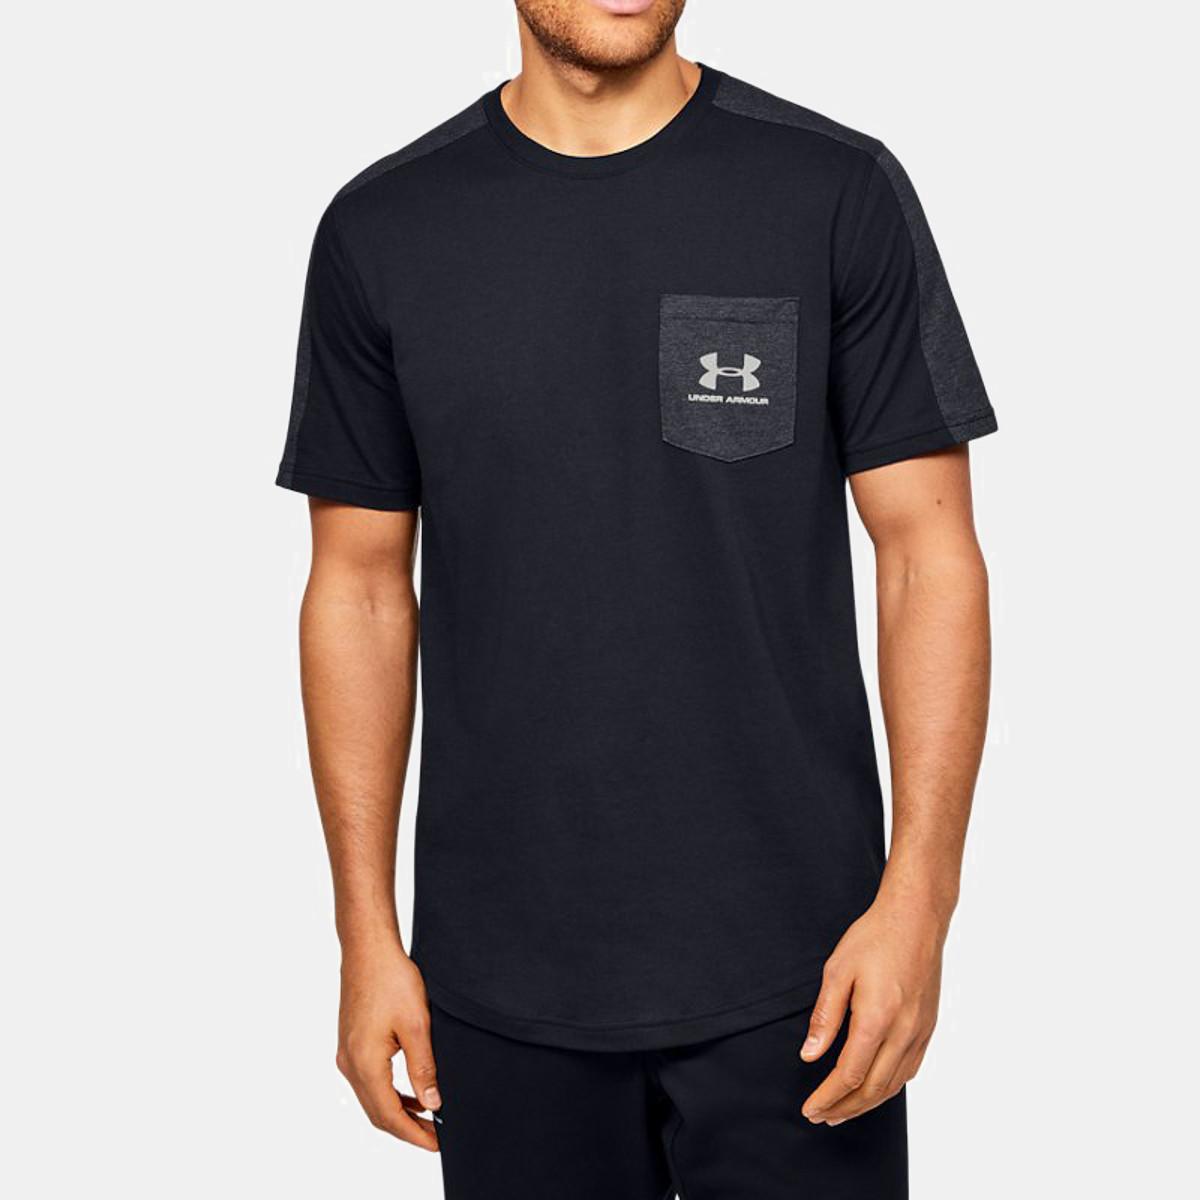 UNDER ARMOUR 安德玛 Sportstyle 1351572 男子训练运动T恤